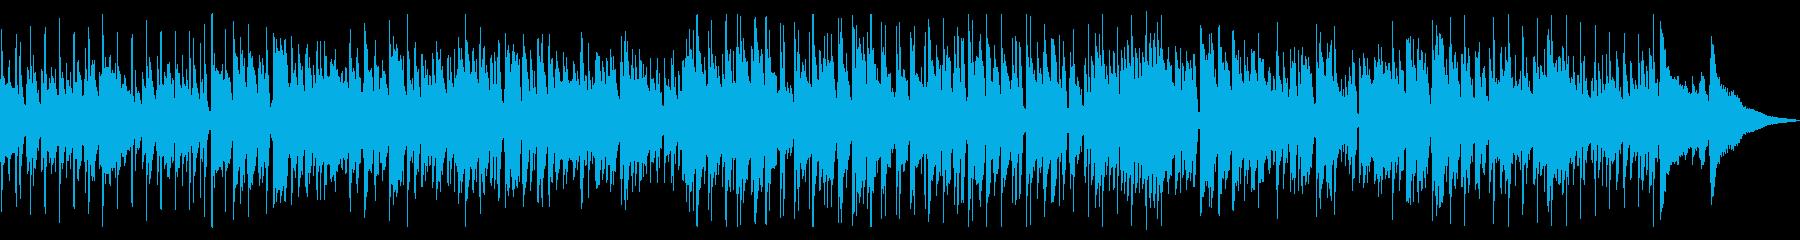 まったりとカフェで流れるボサノバの再生済みの波形